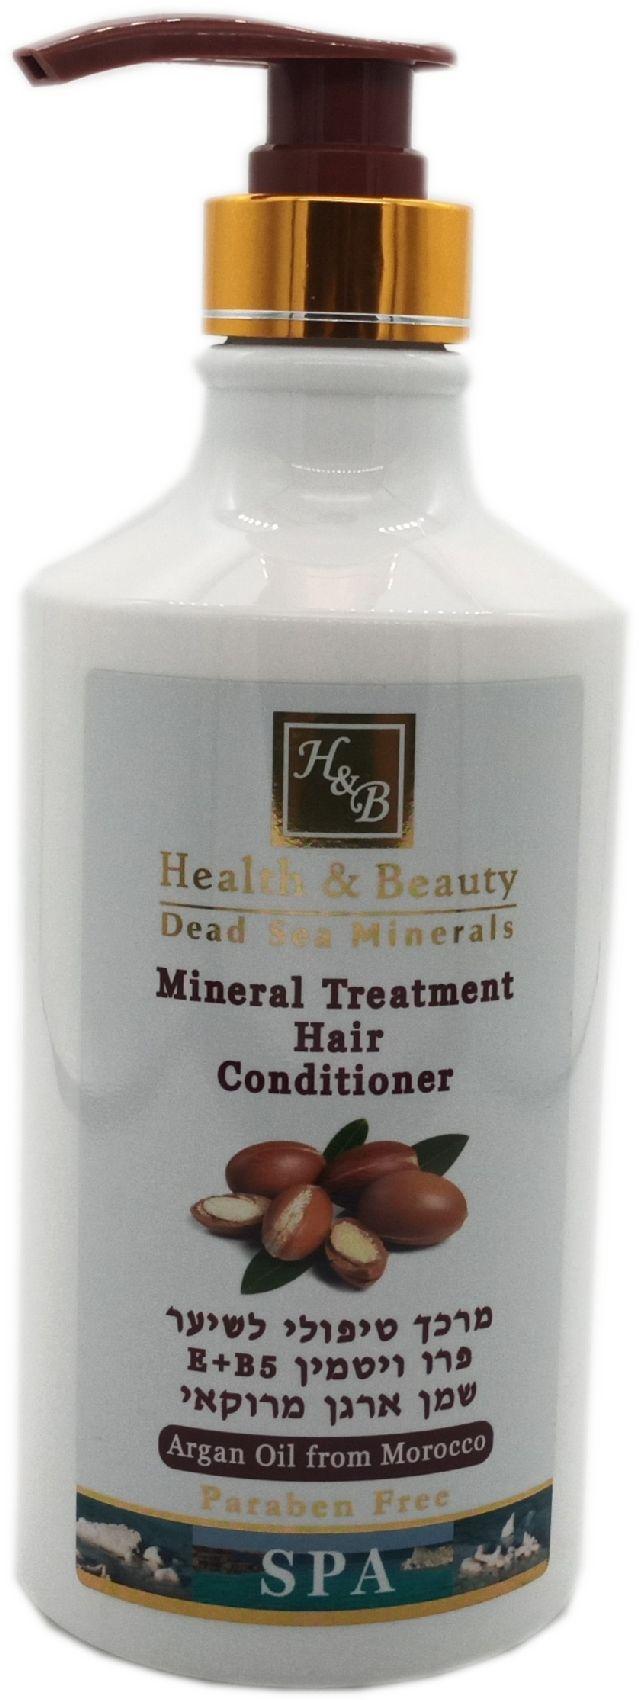 Кондиционер для волос Health & Beauty на основе минералов Мертвого моря c маслом Аргана кондиционер для волос dr sea с кератином витамином е и минералами мертвого моря для всех типов волос 400 мл